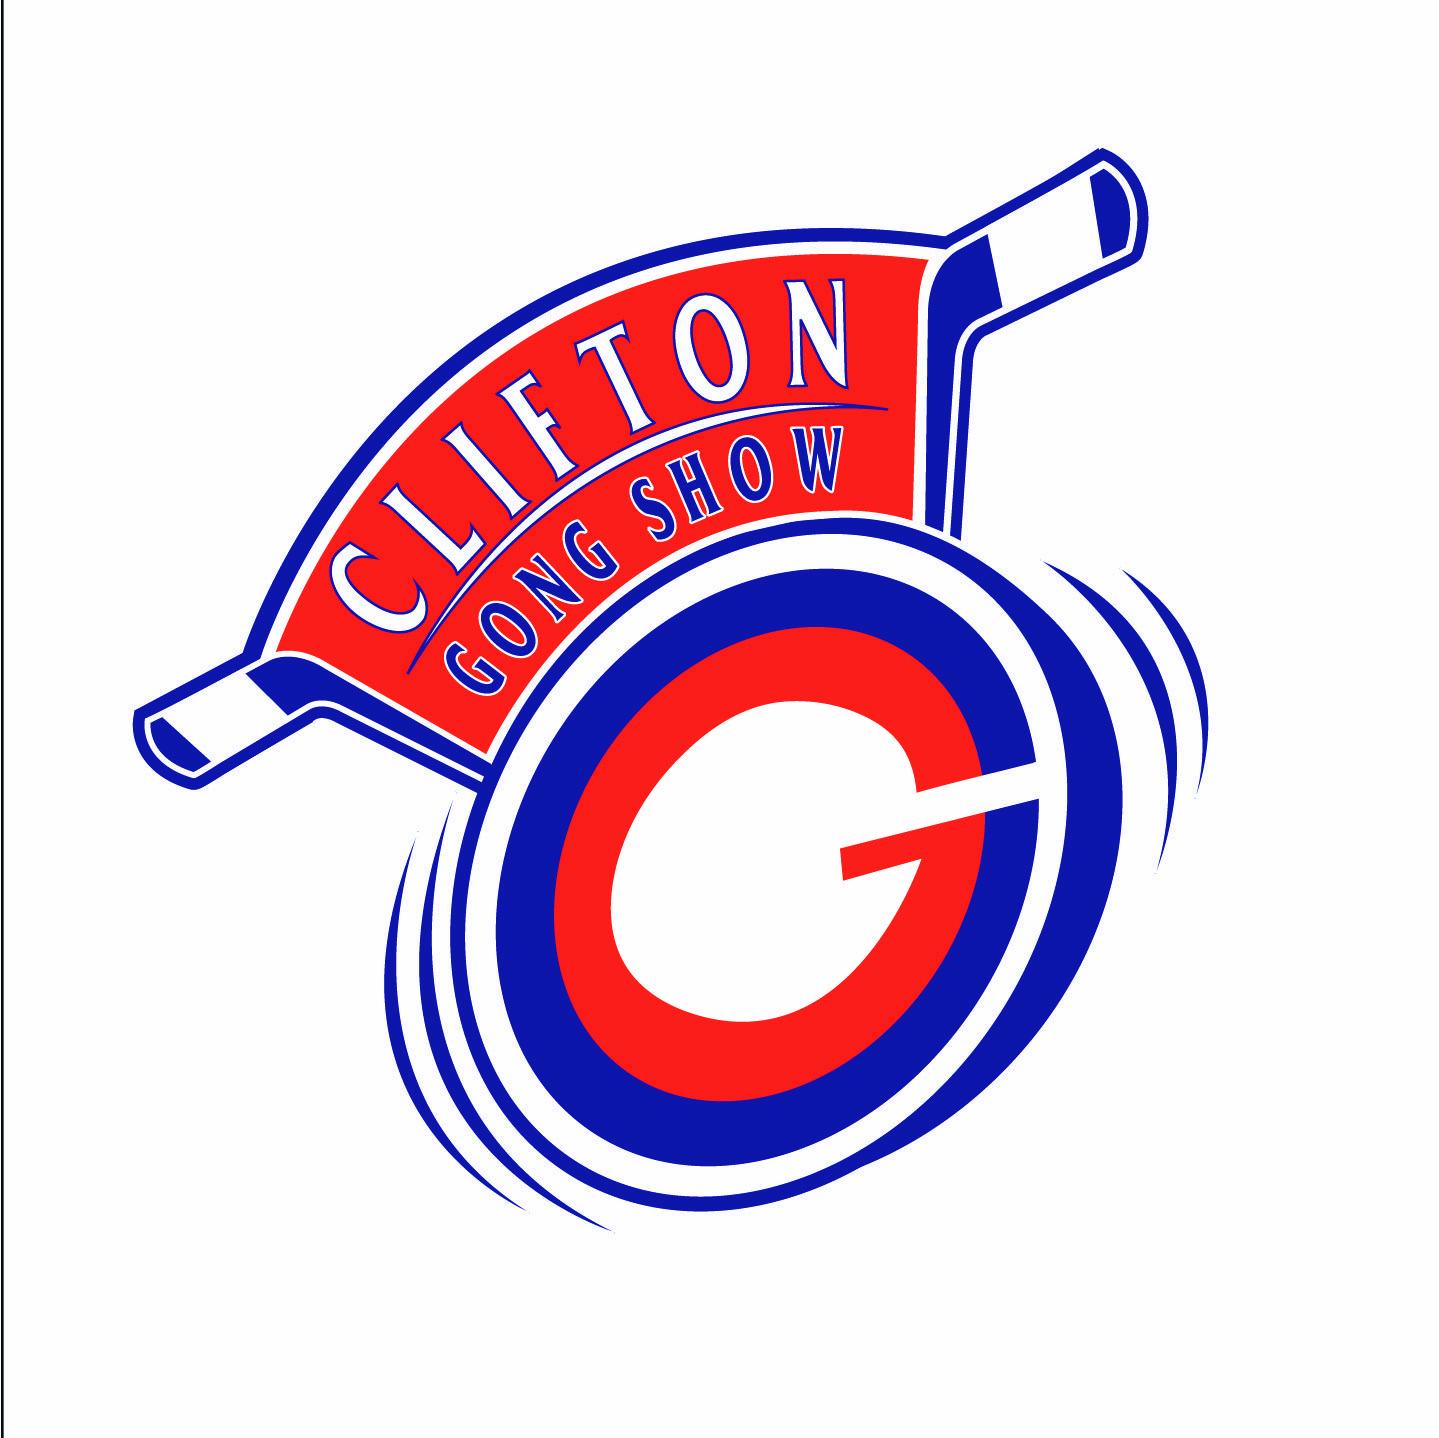 Clifton Gong Show (3A)